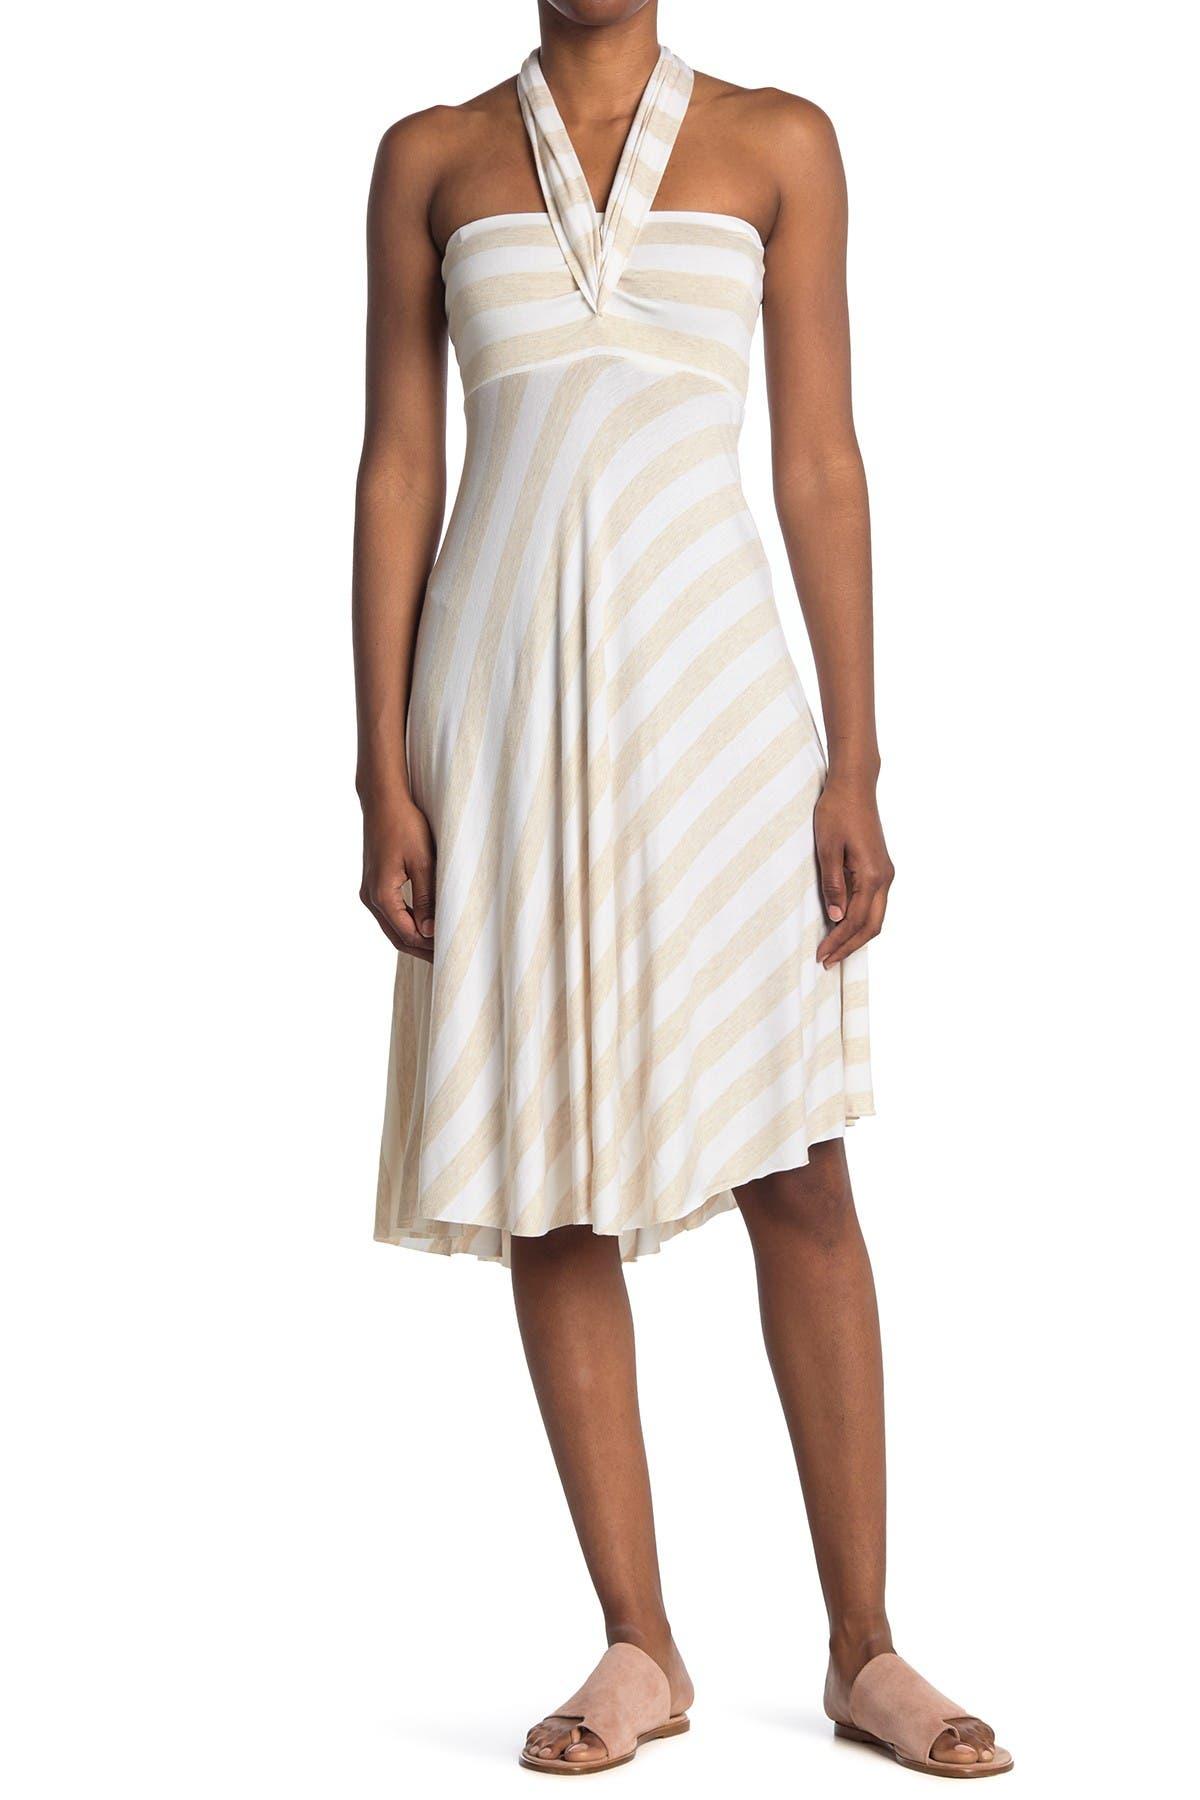 Image of ELAN Convertible Skirt/Dress